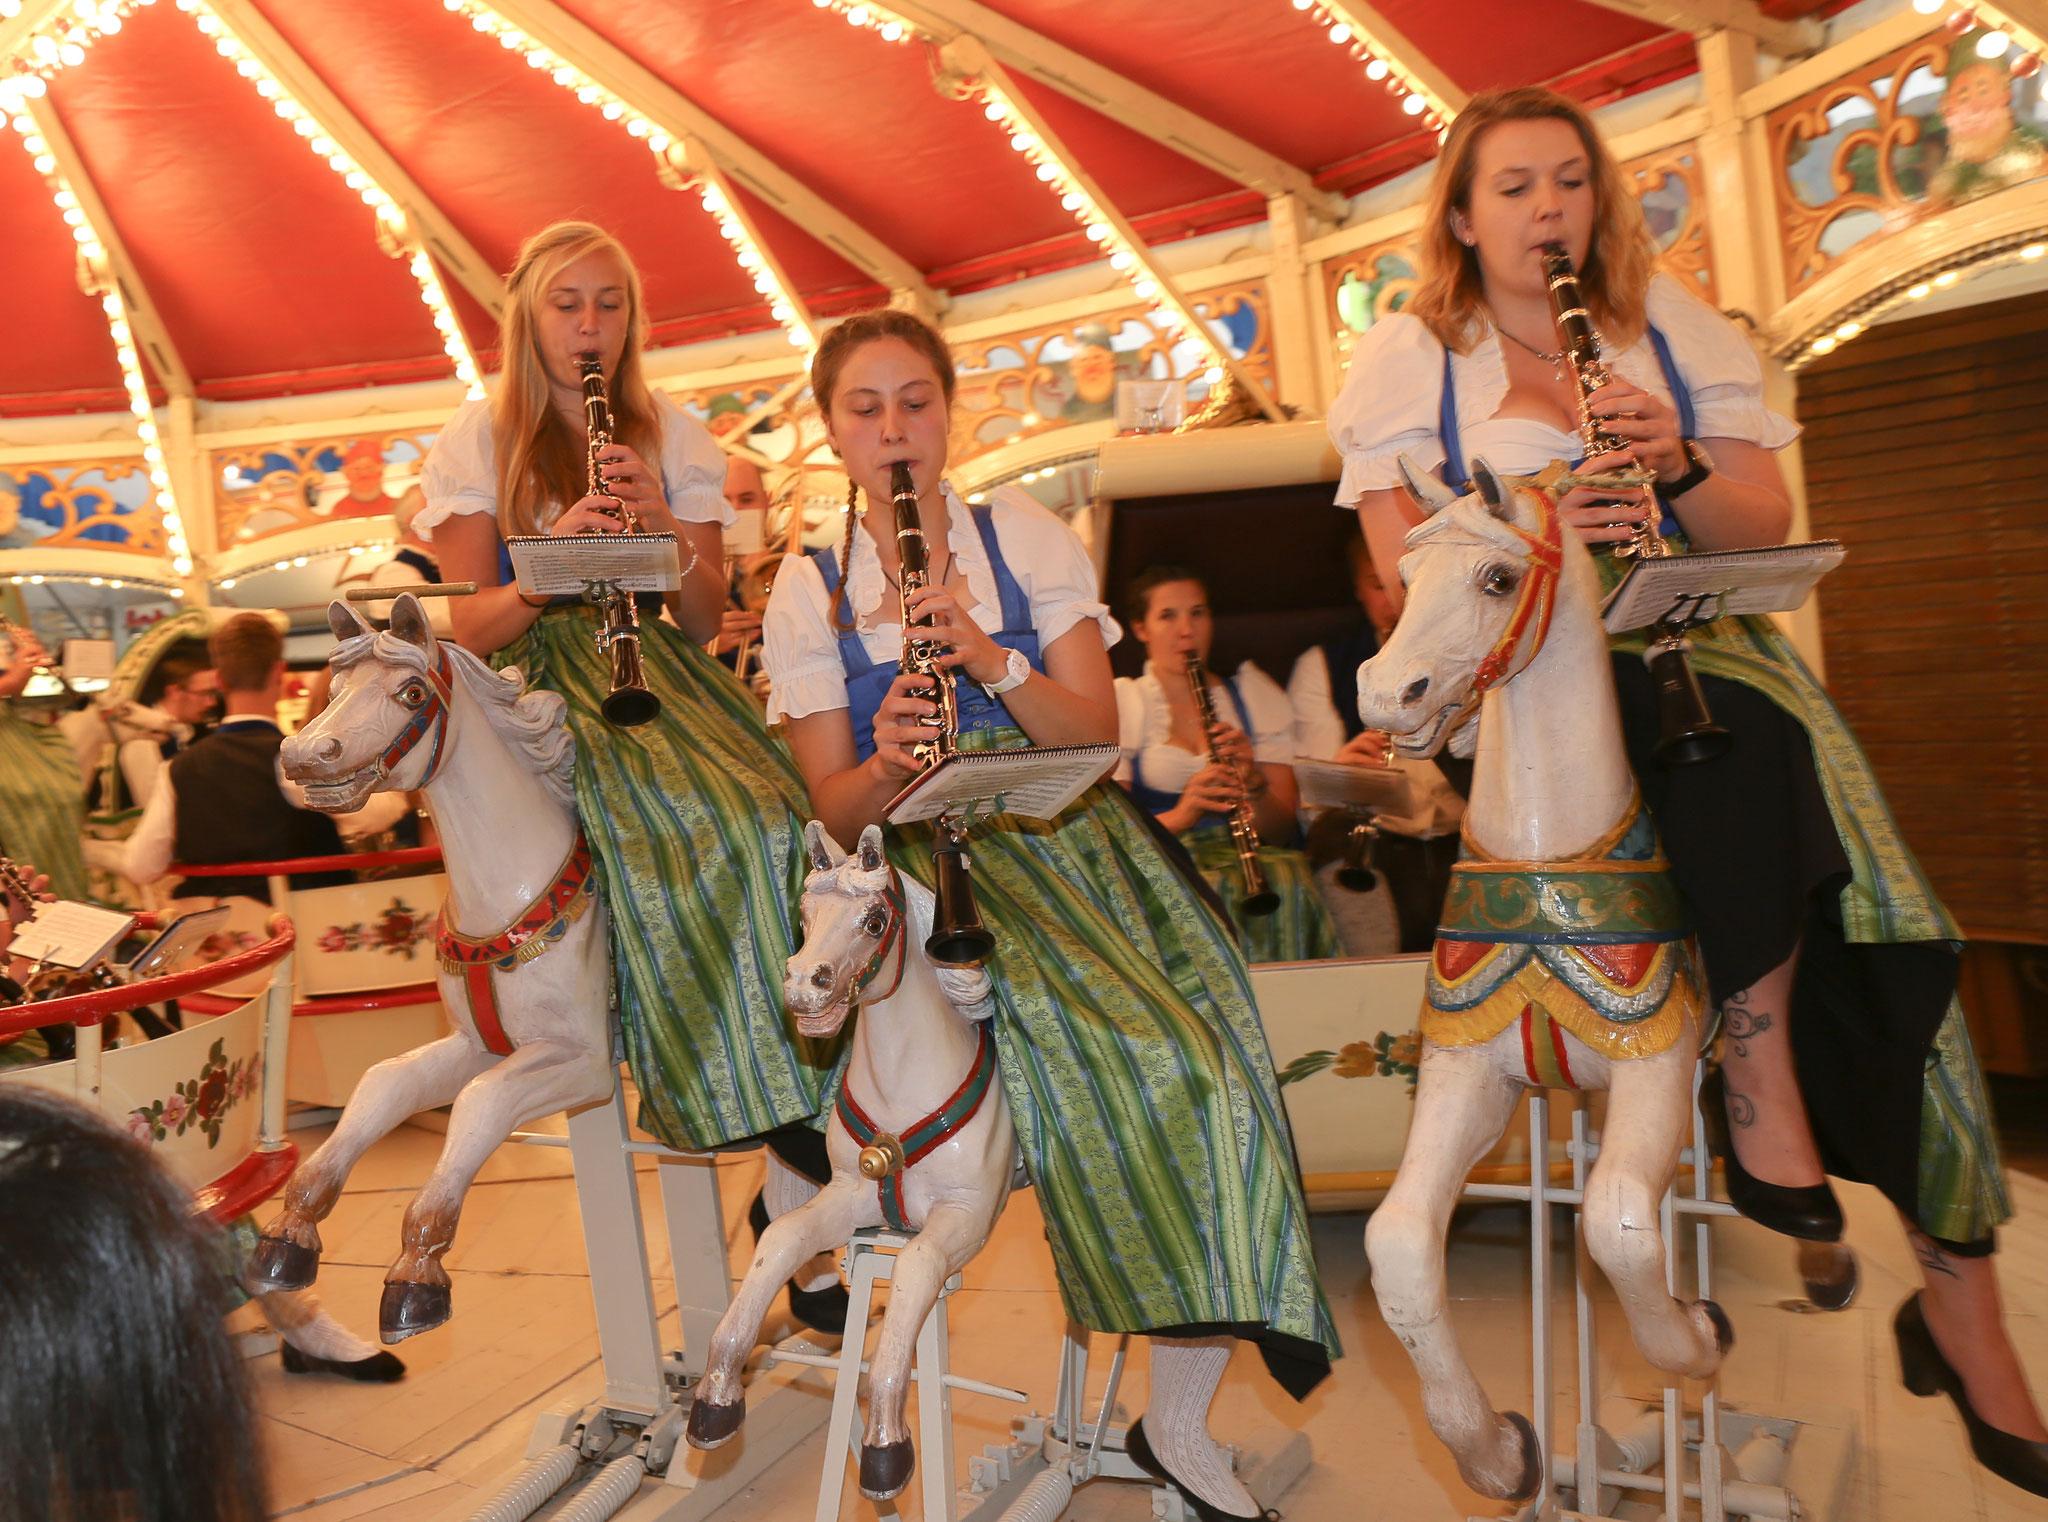 Oide Wiesn - Oktoberfest München 2019